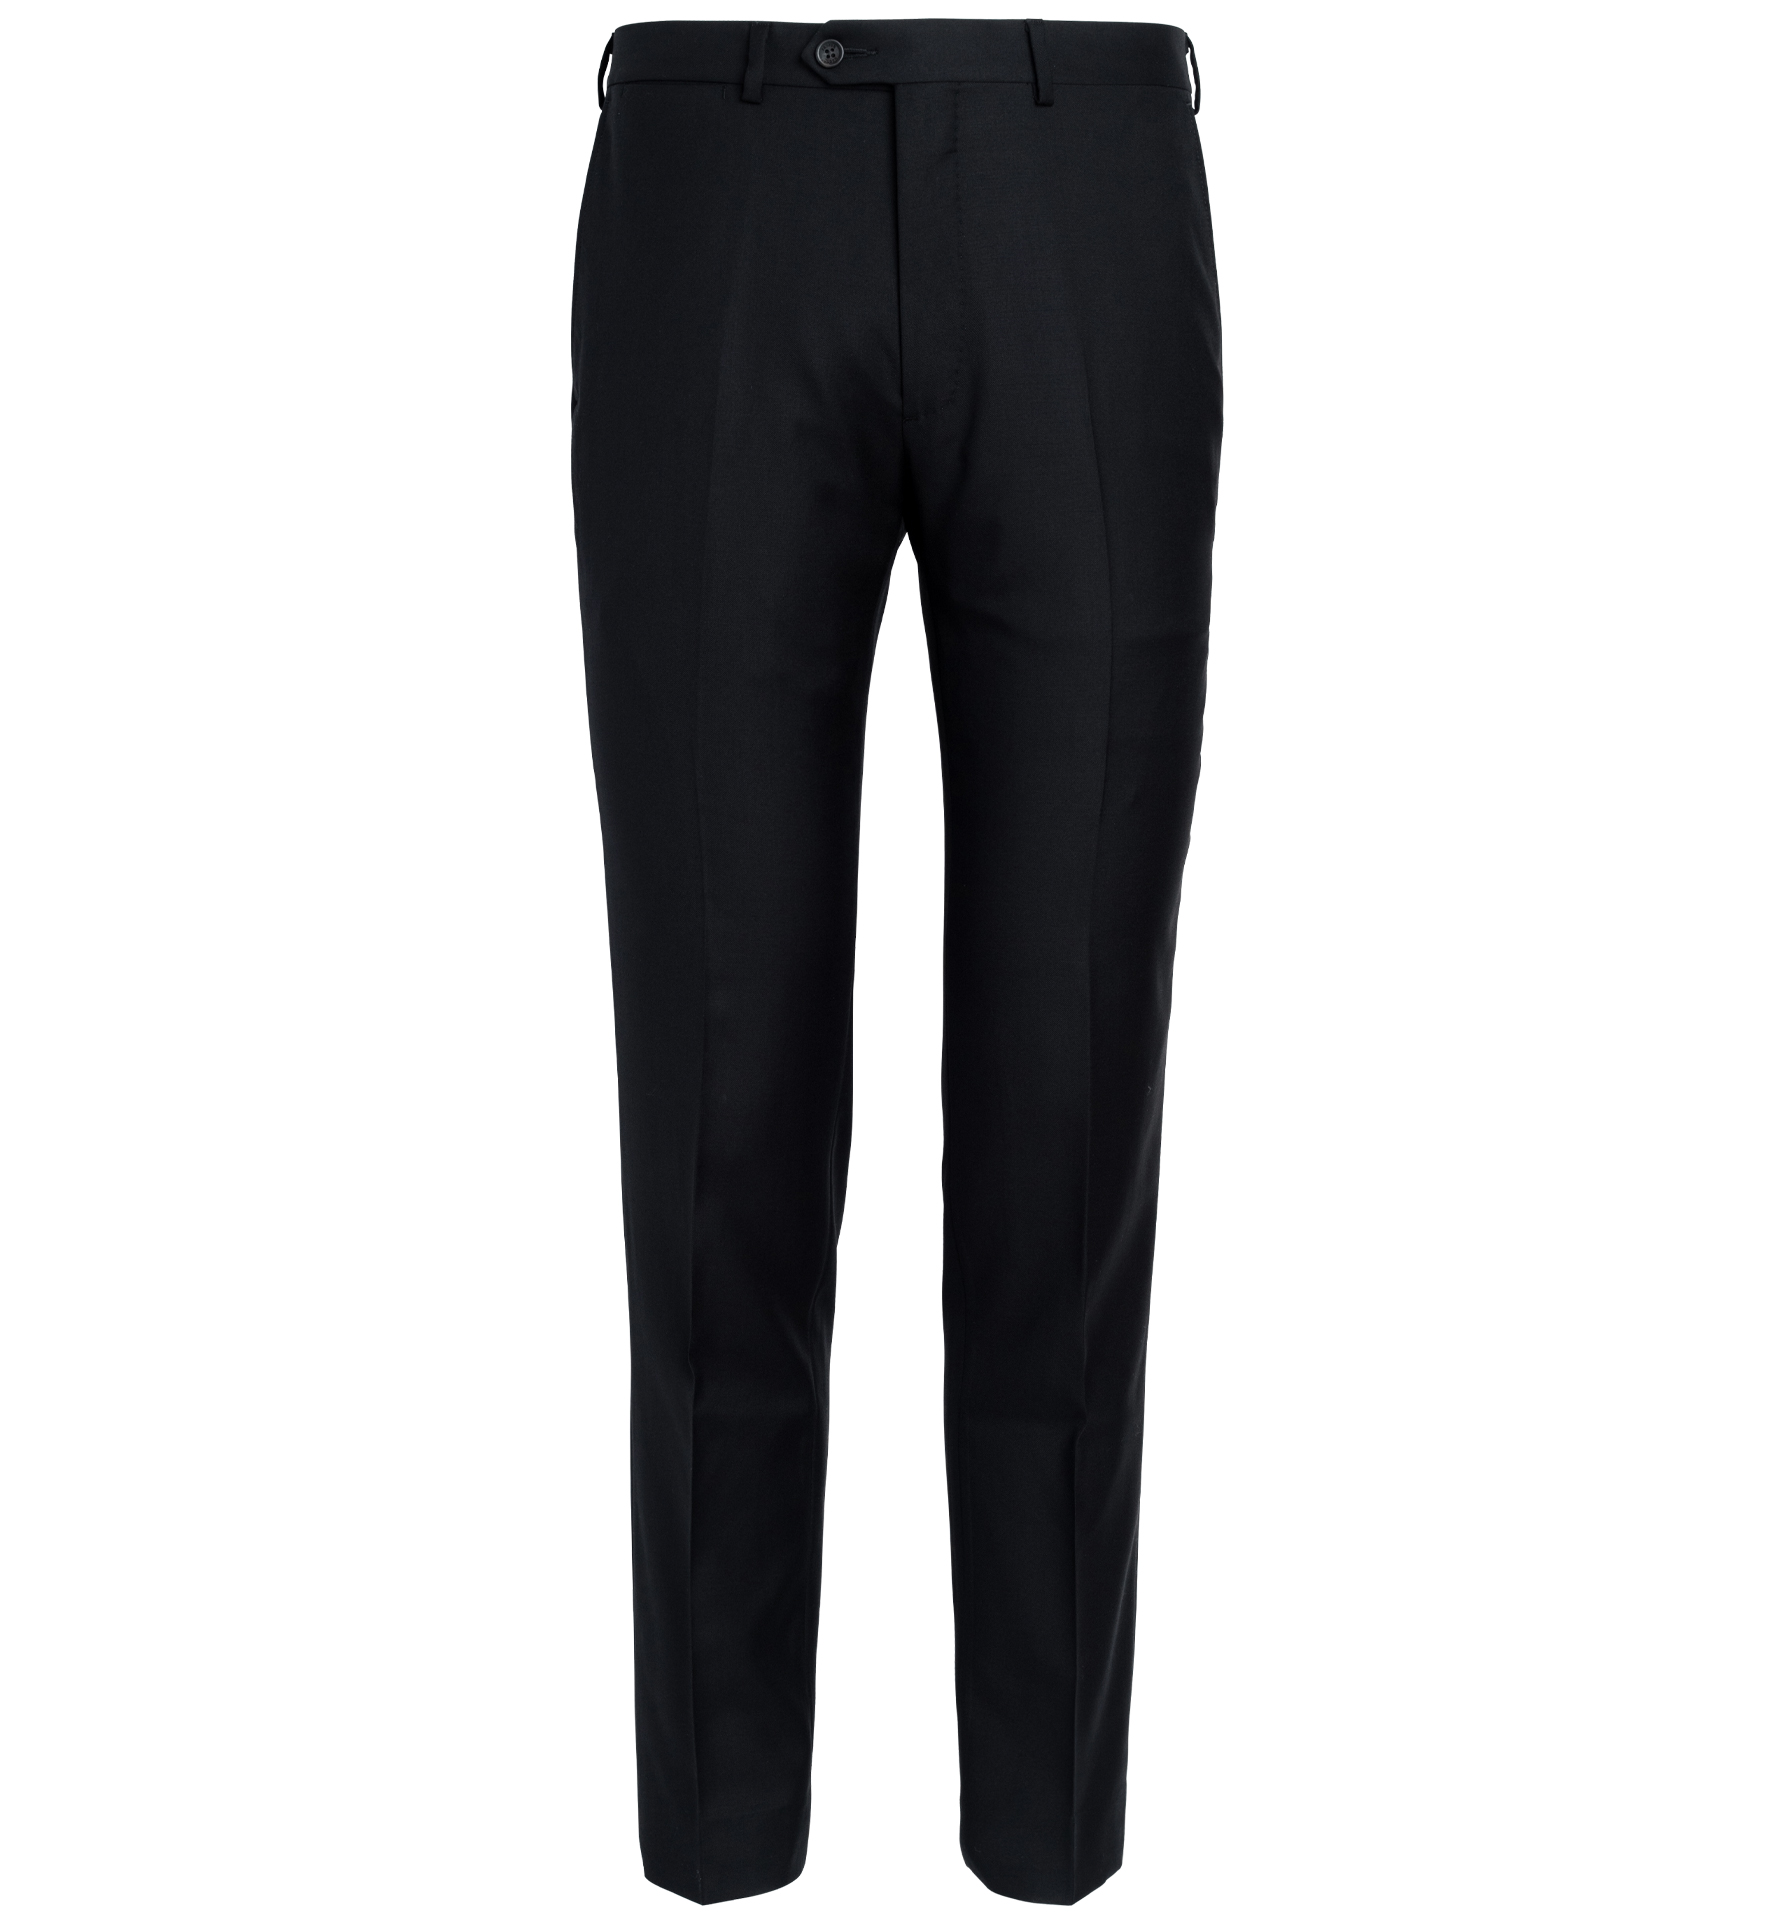 Zoom Image of Allen Black S110s Wool Trouser